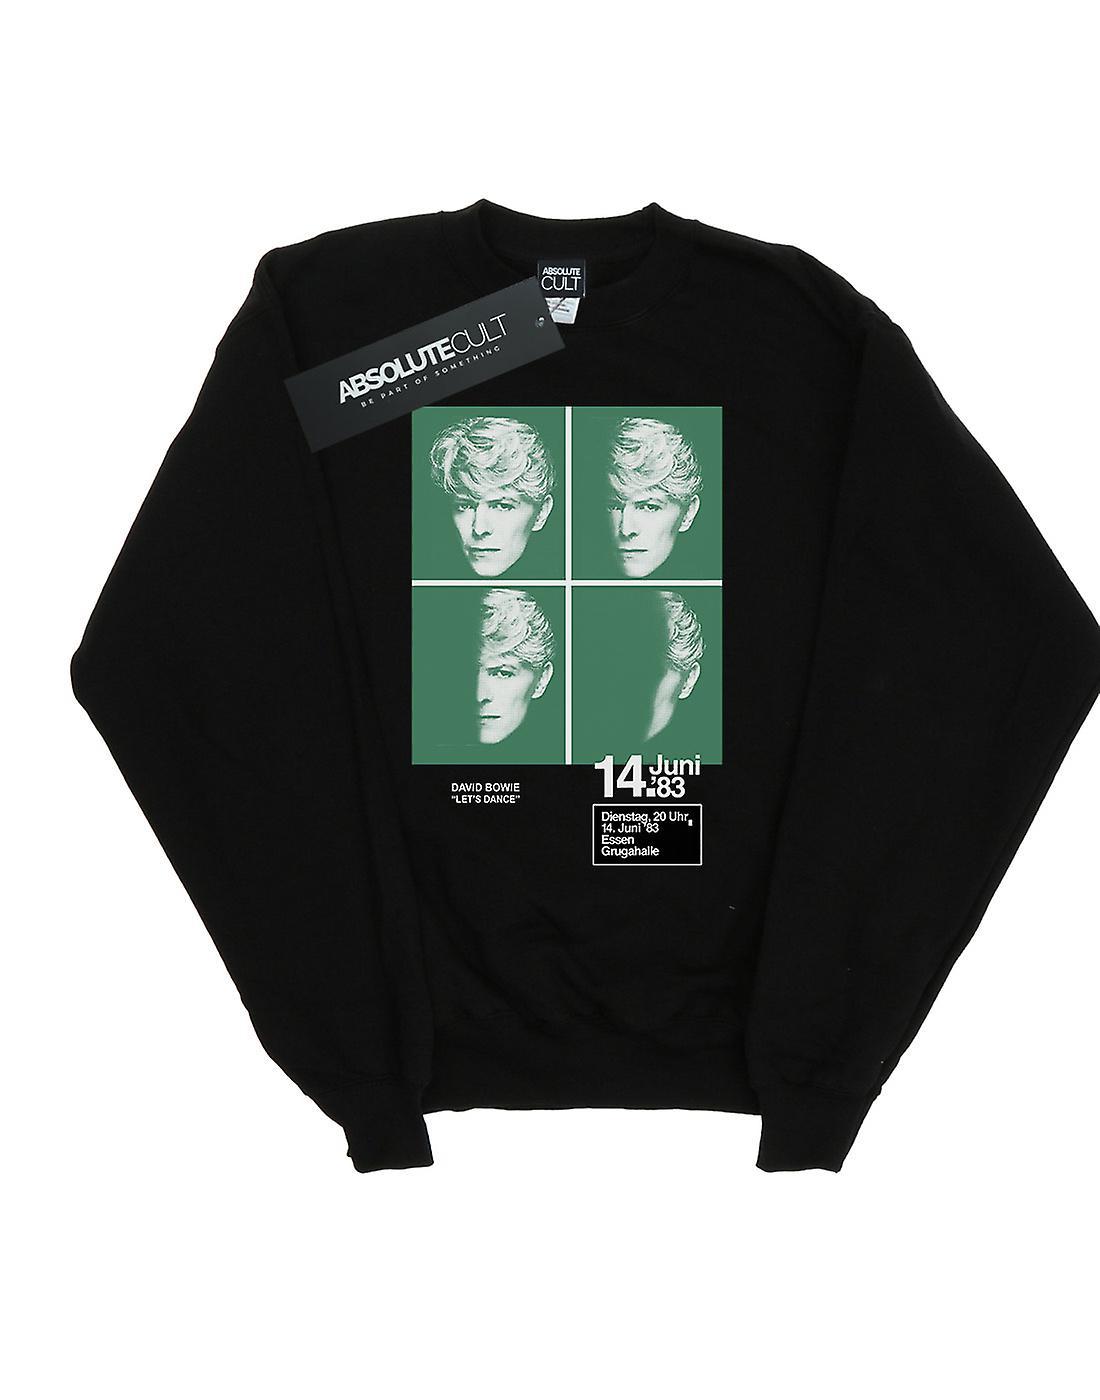 David Bowie Girls 1983 Concert Poster Sweatshirt